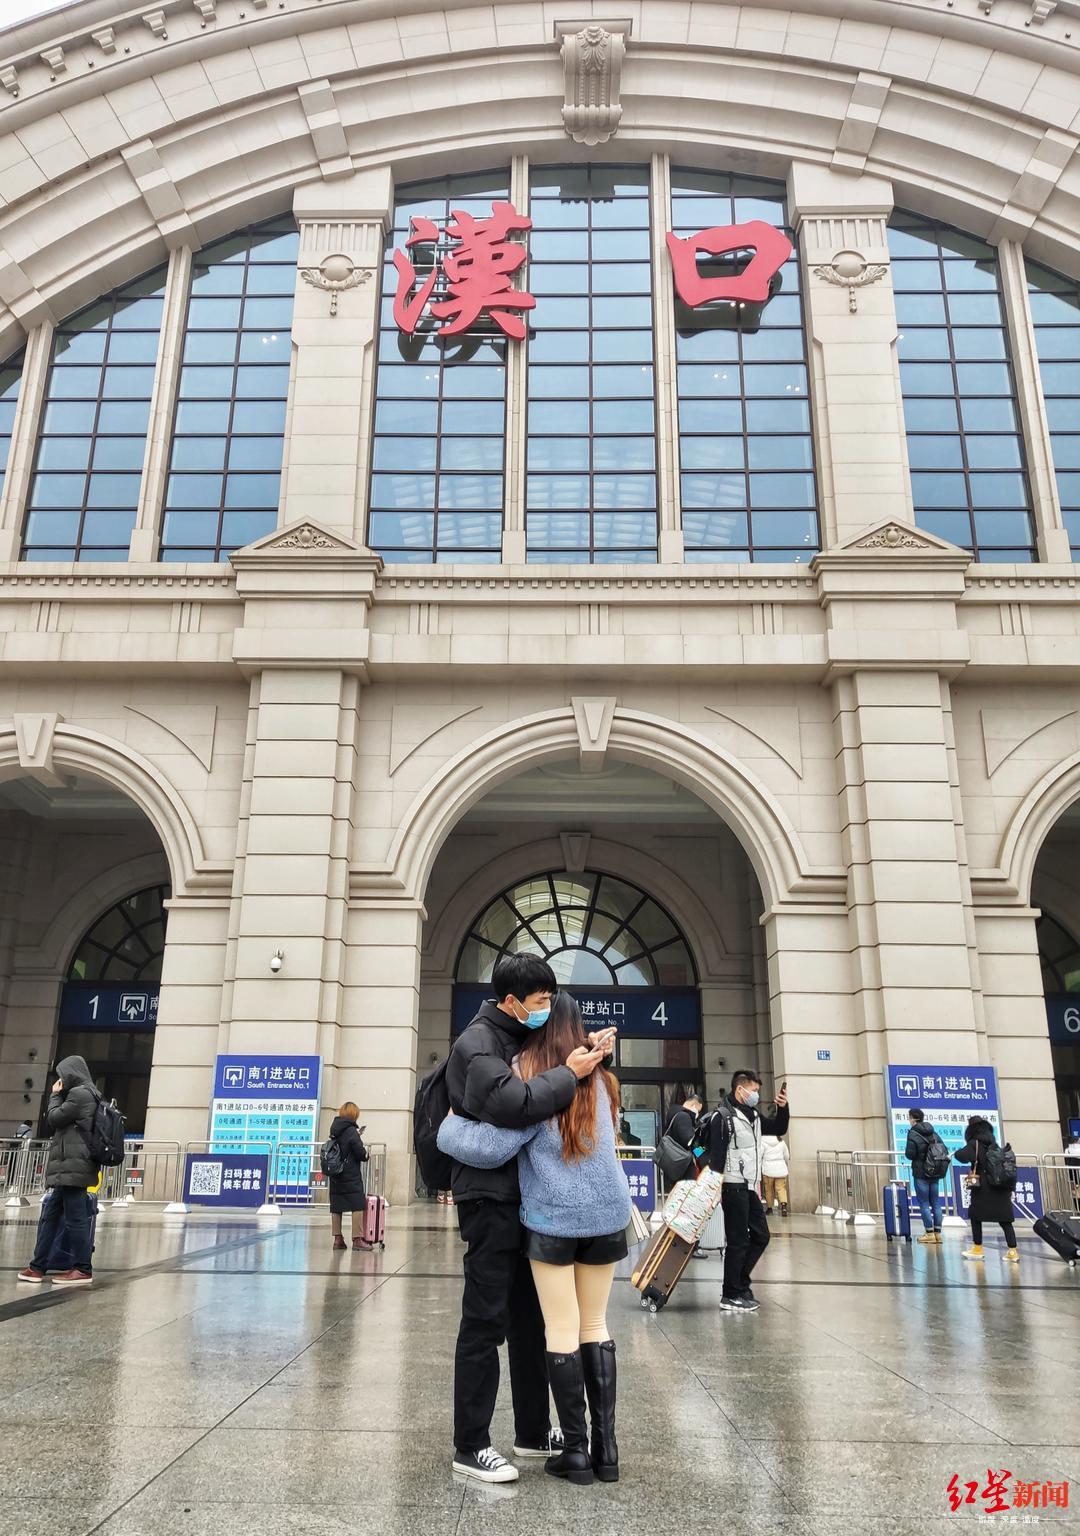 ↑武汉汉口火车站一对戴口罩情侣摄影王效